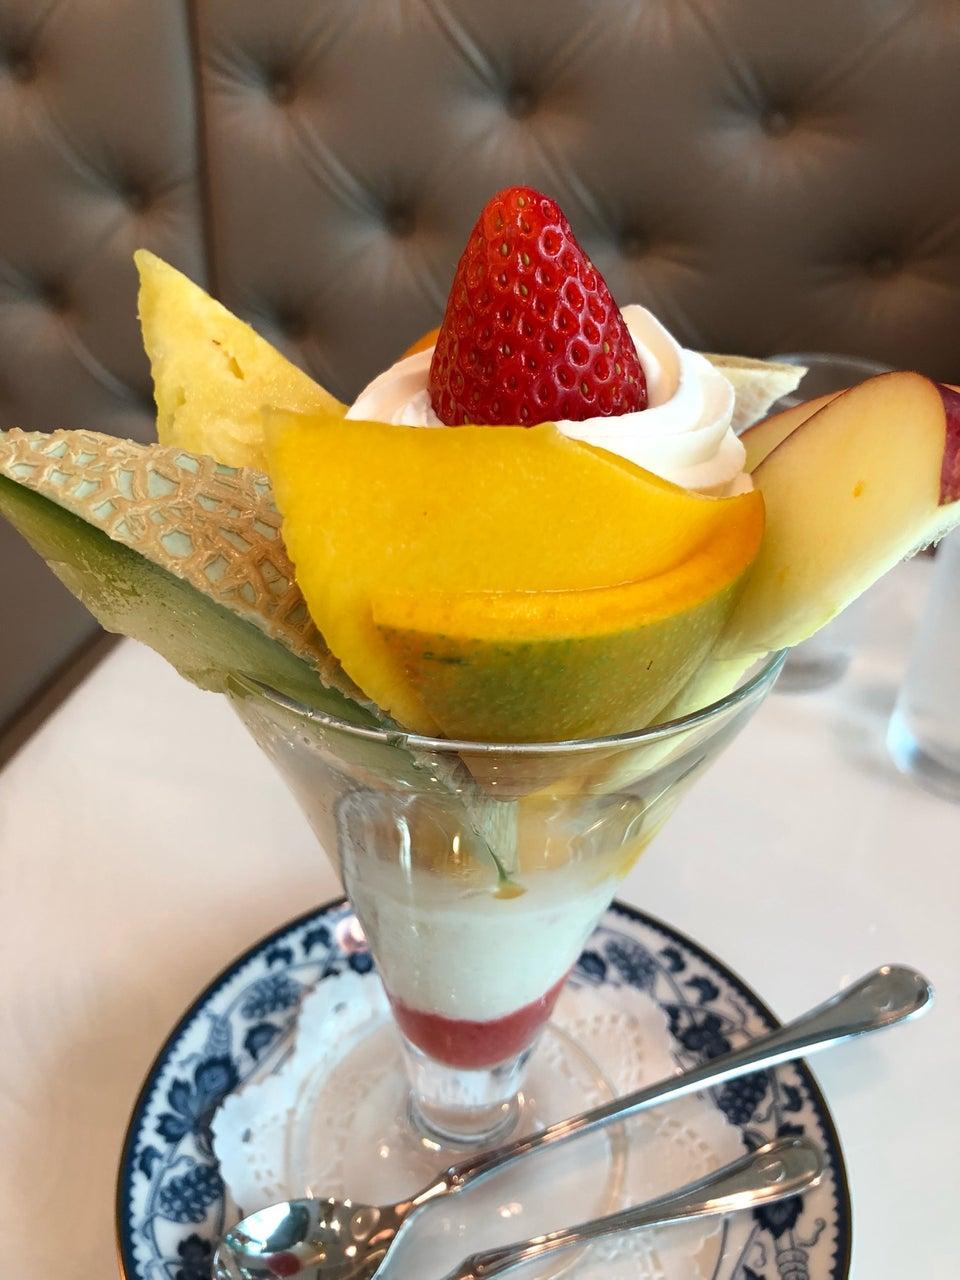 銀座千疋屋 銀座本店 Fruit Parlor